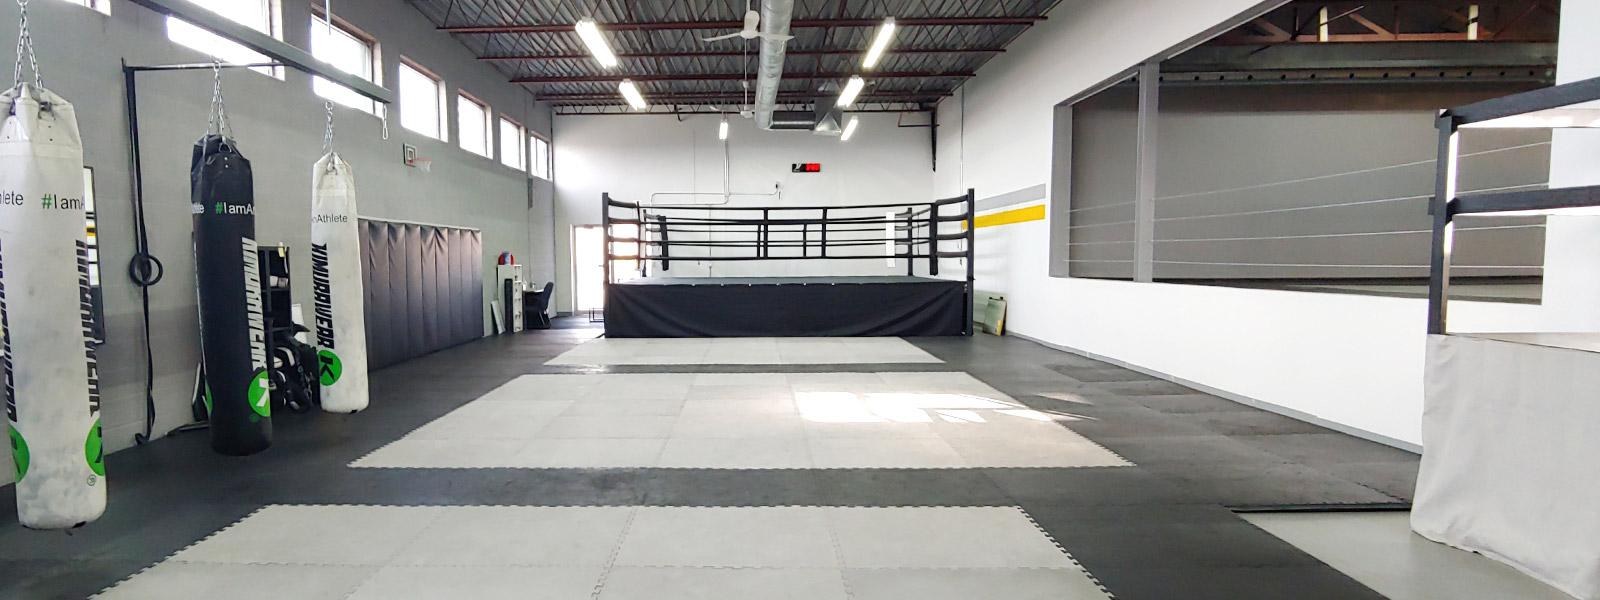 Relentless_MMA_Gym_FULL2